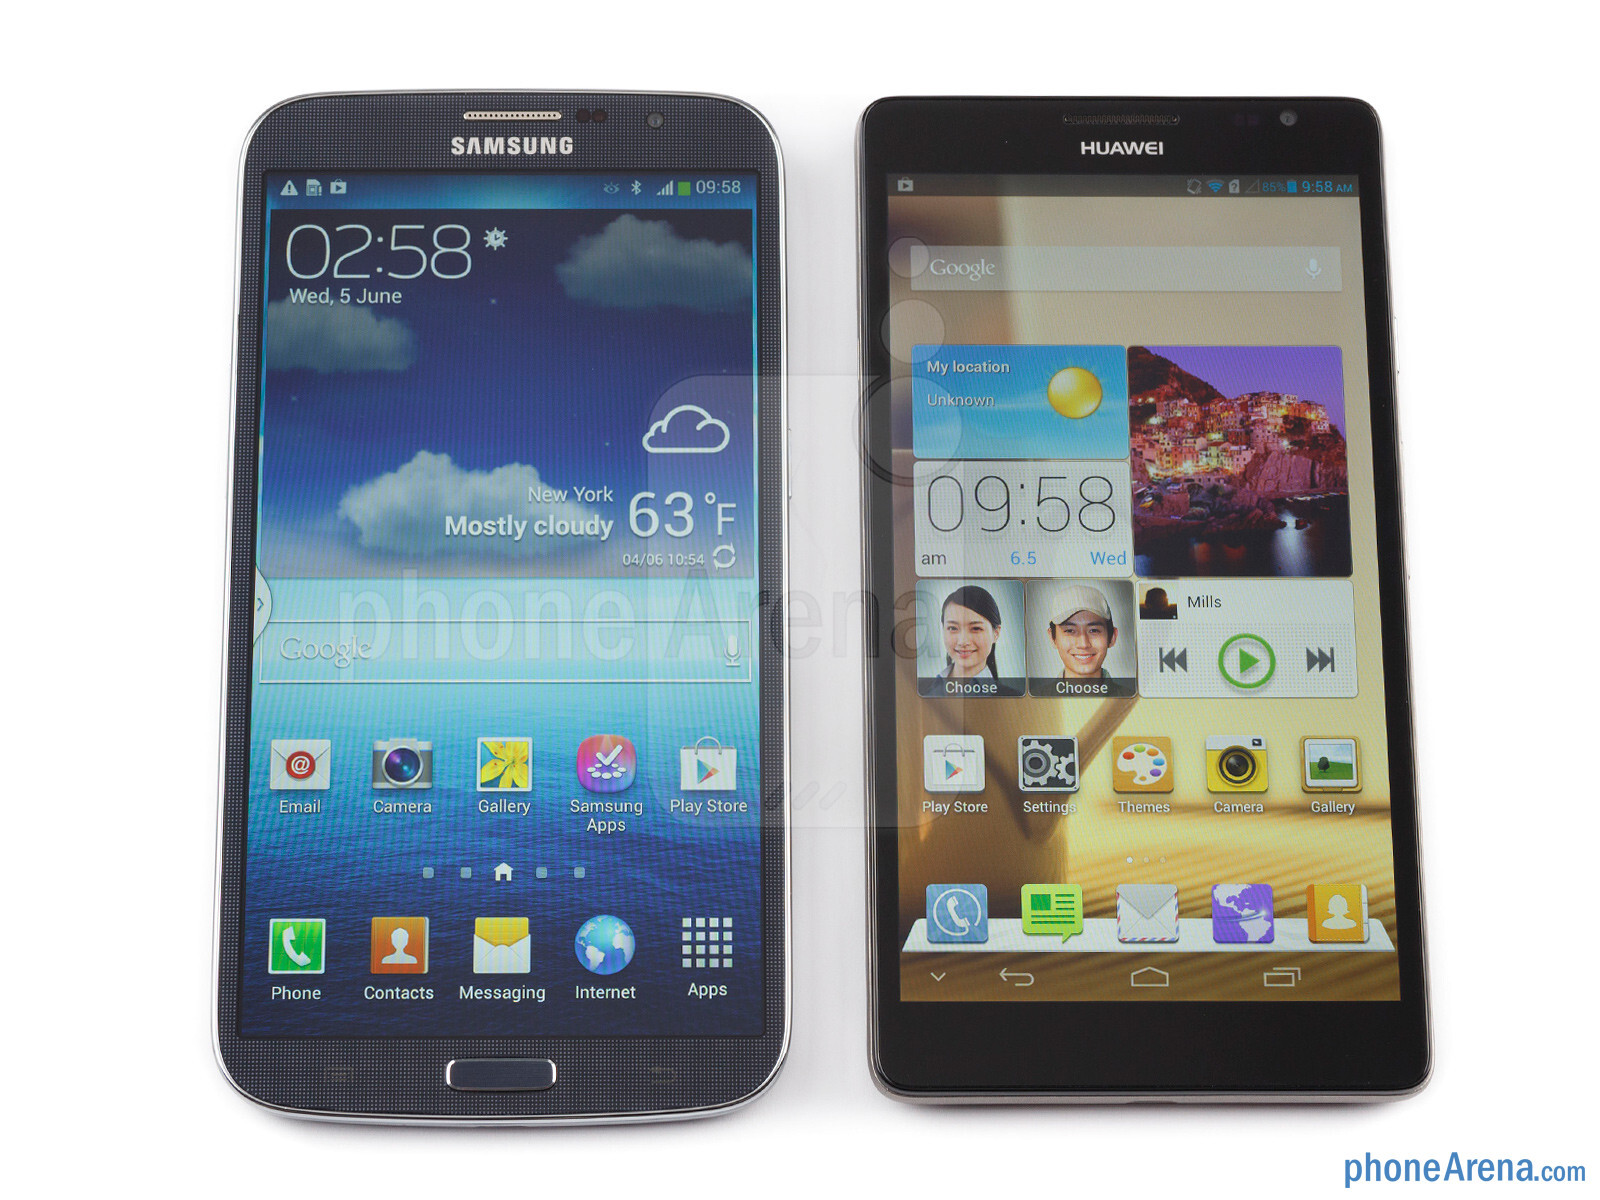 ... Ascend Mate (right) - Samsung Galaxy Mega 6.3 vs Huawei Ascend Mate